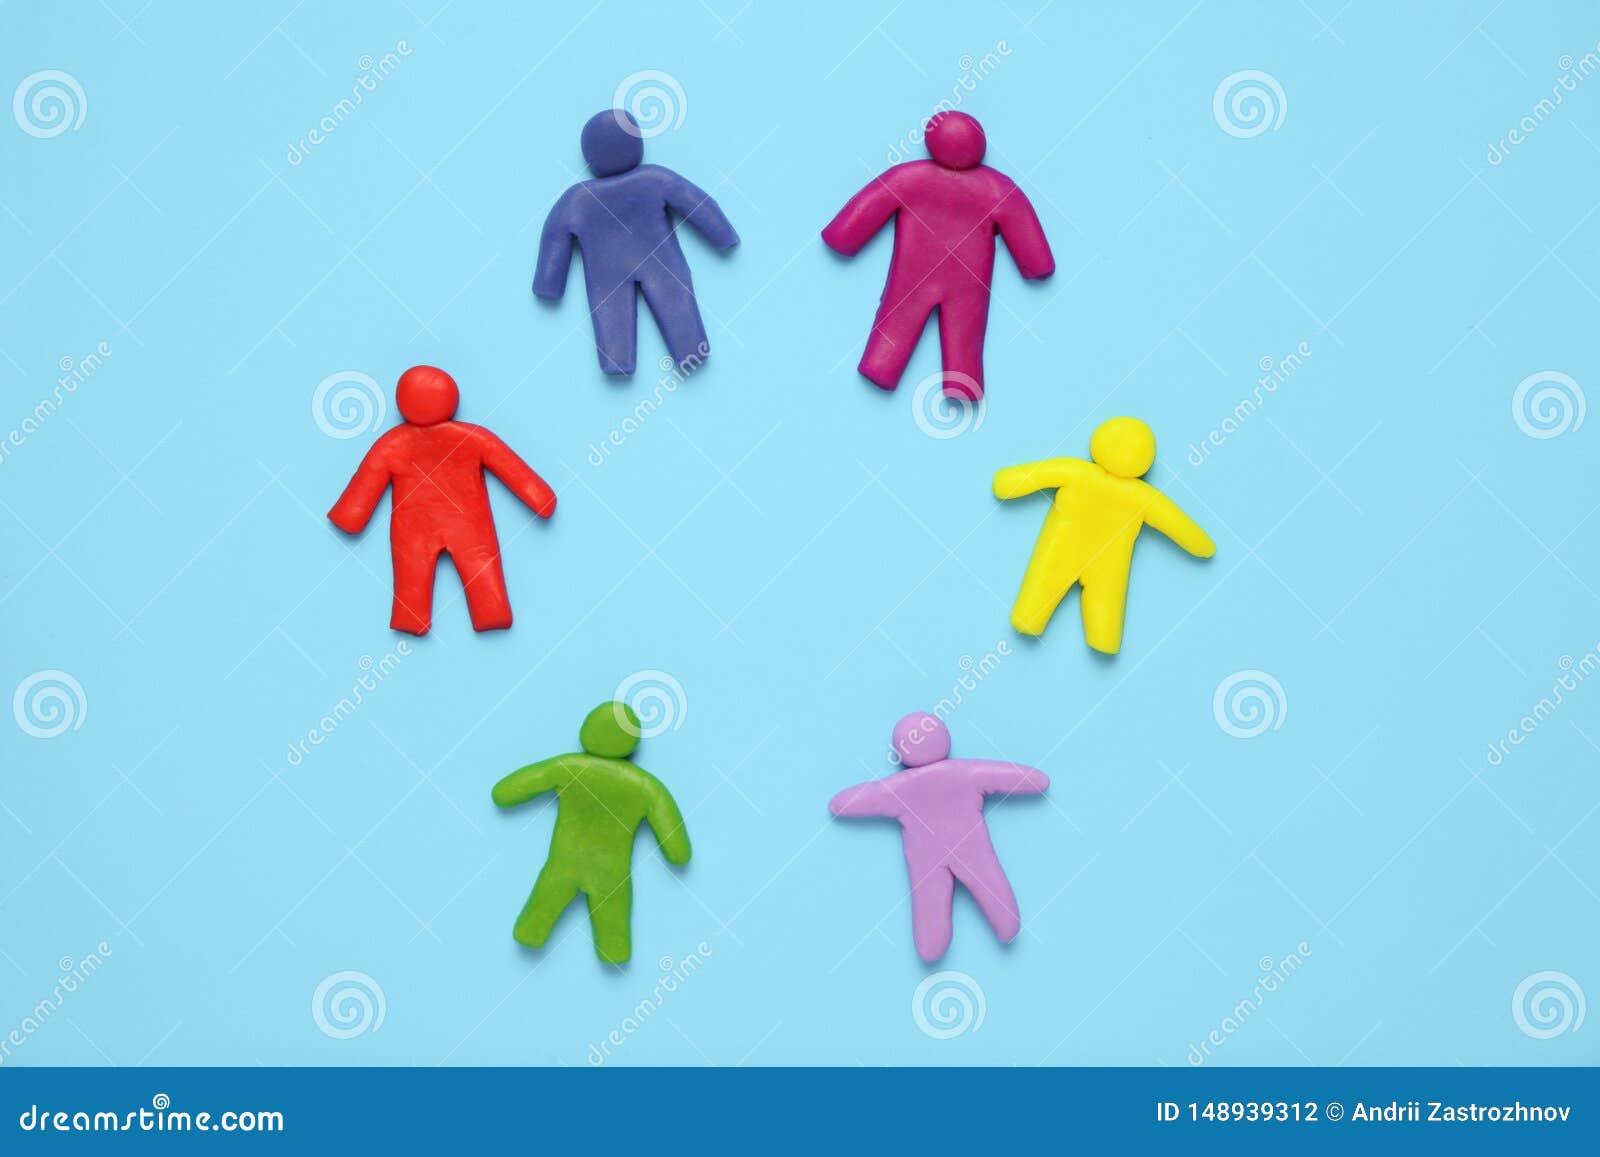 E Rassische Vielfalt und Gleichheit von Leuten in der Welt